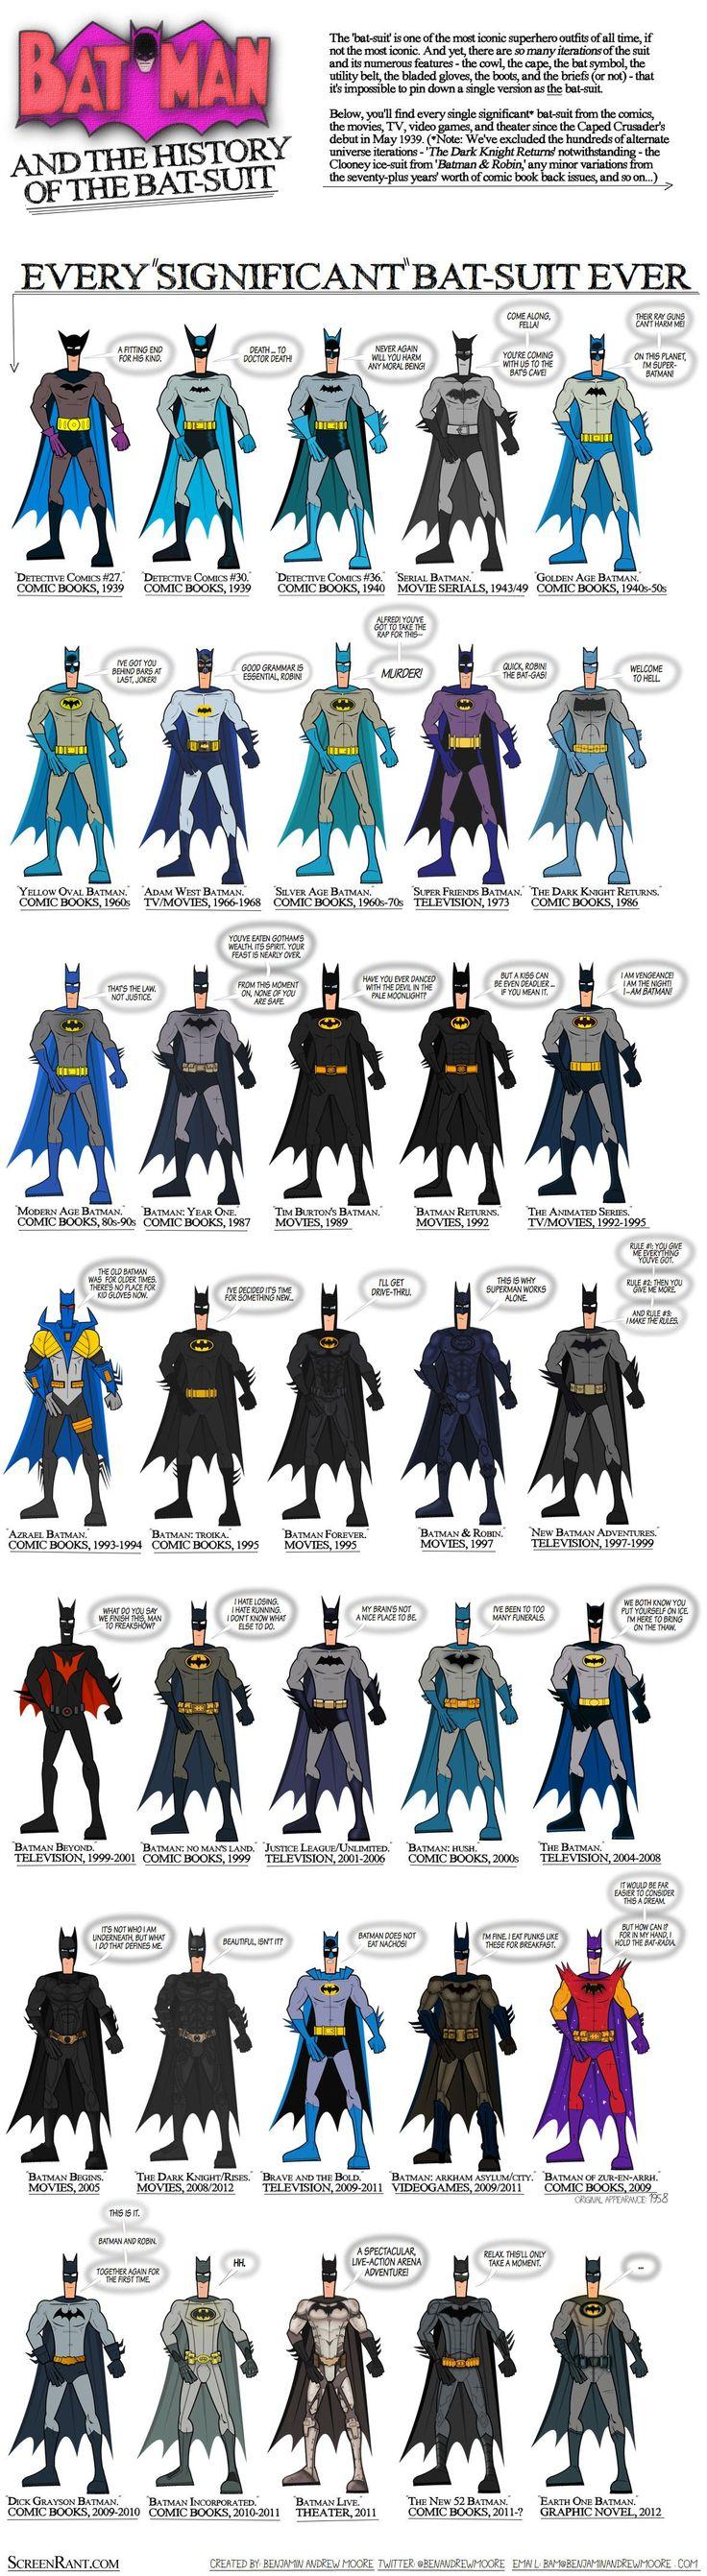 Bat-Suit history